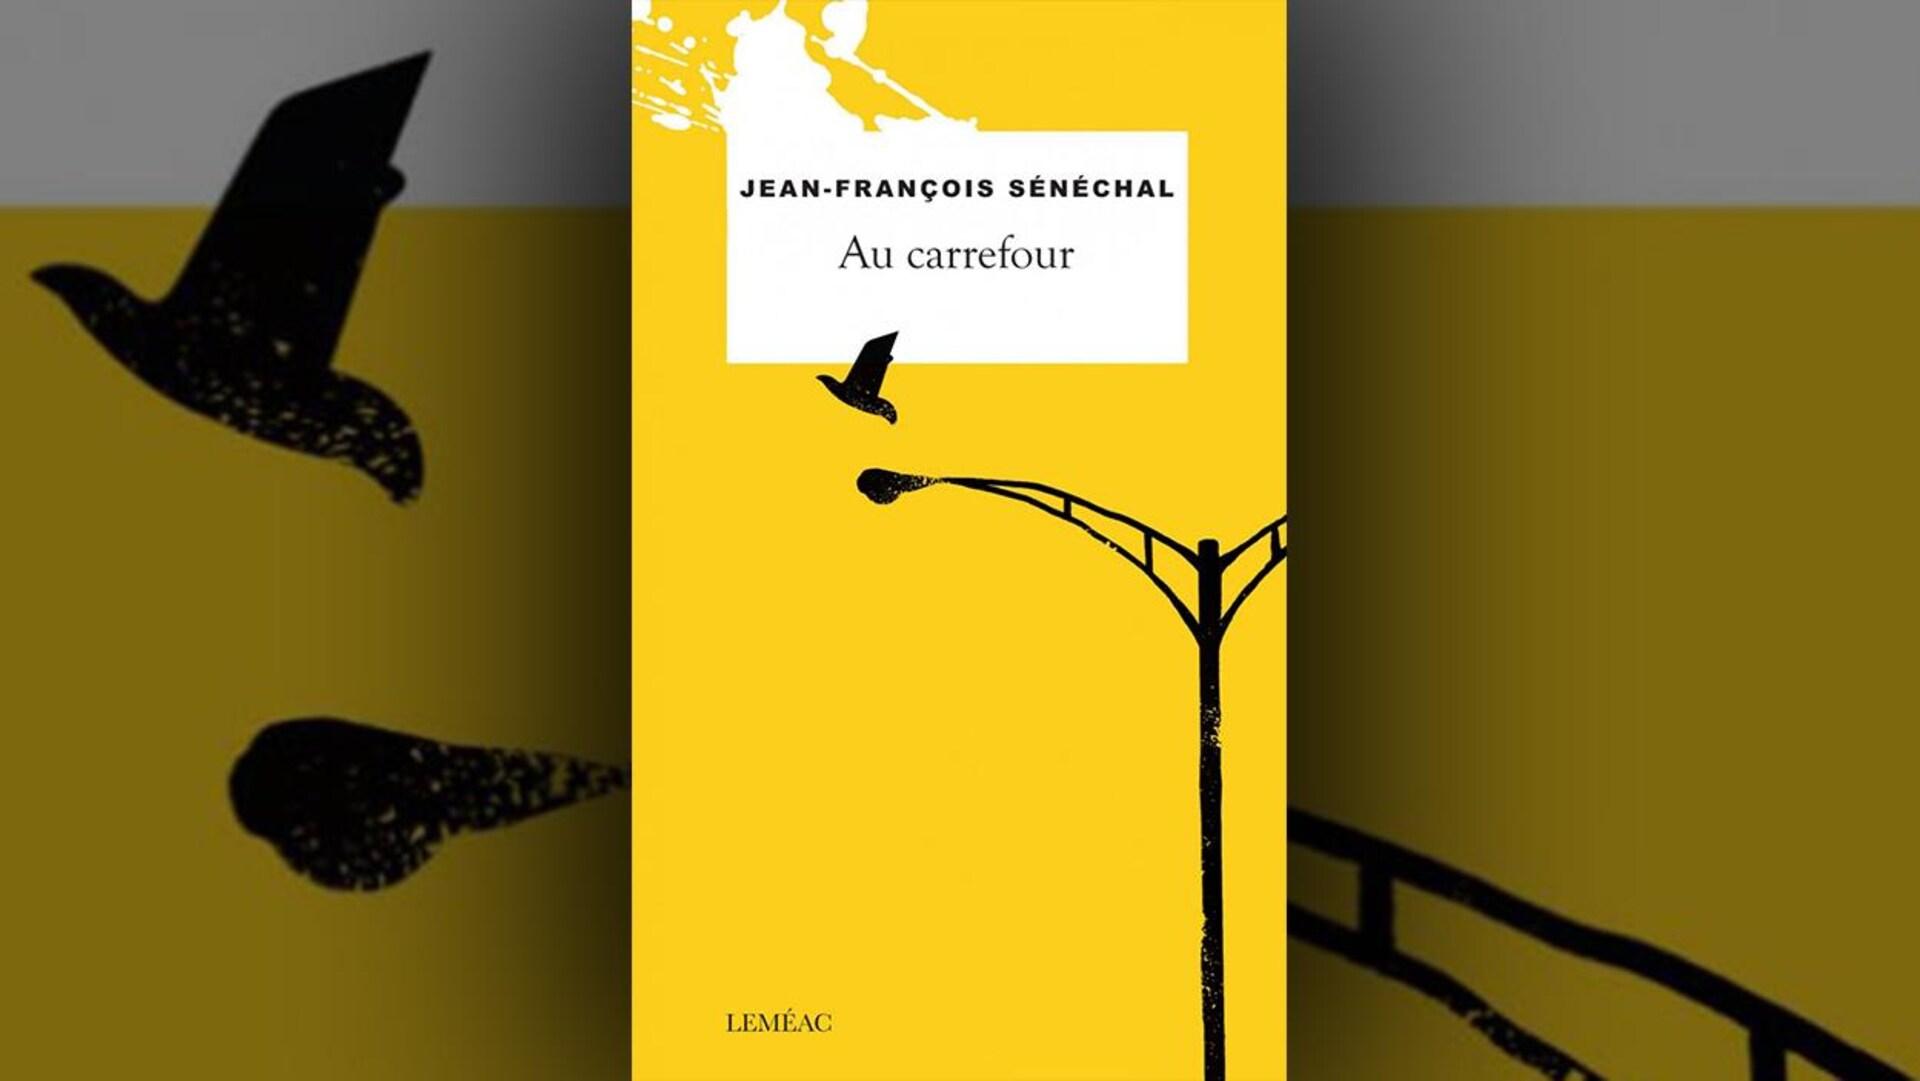 La couverture du livre  Au carrefour , de Jean-François Sénéchal, contient une illustration en noir, sur fond jaune, d'un réverbère et d'une silhouette d'oiseau qui s'envole.